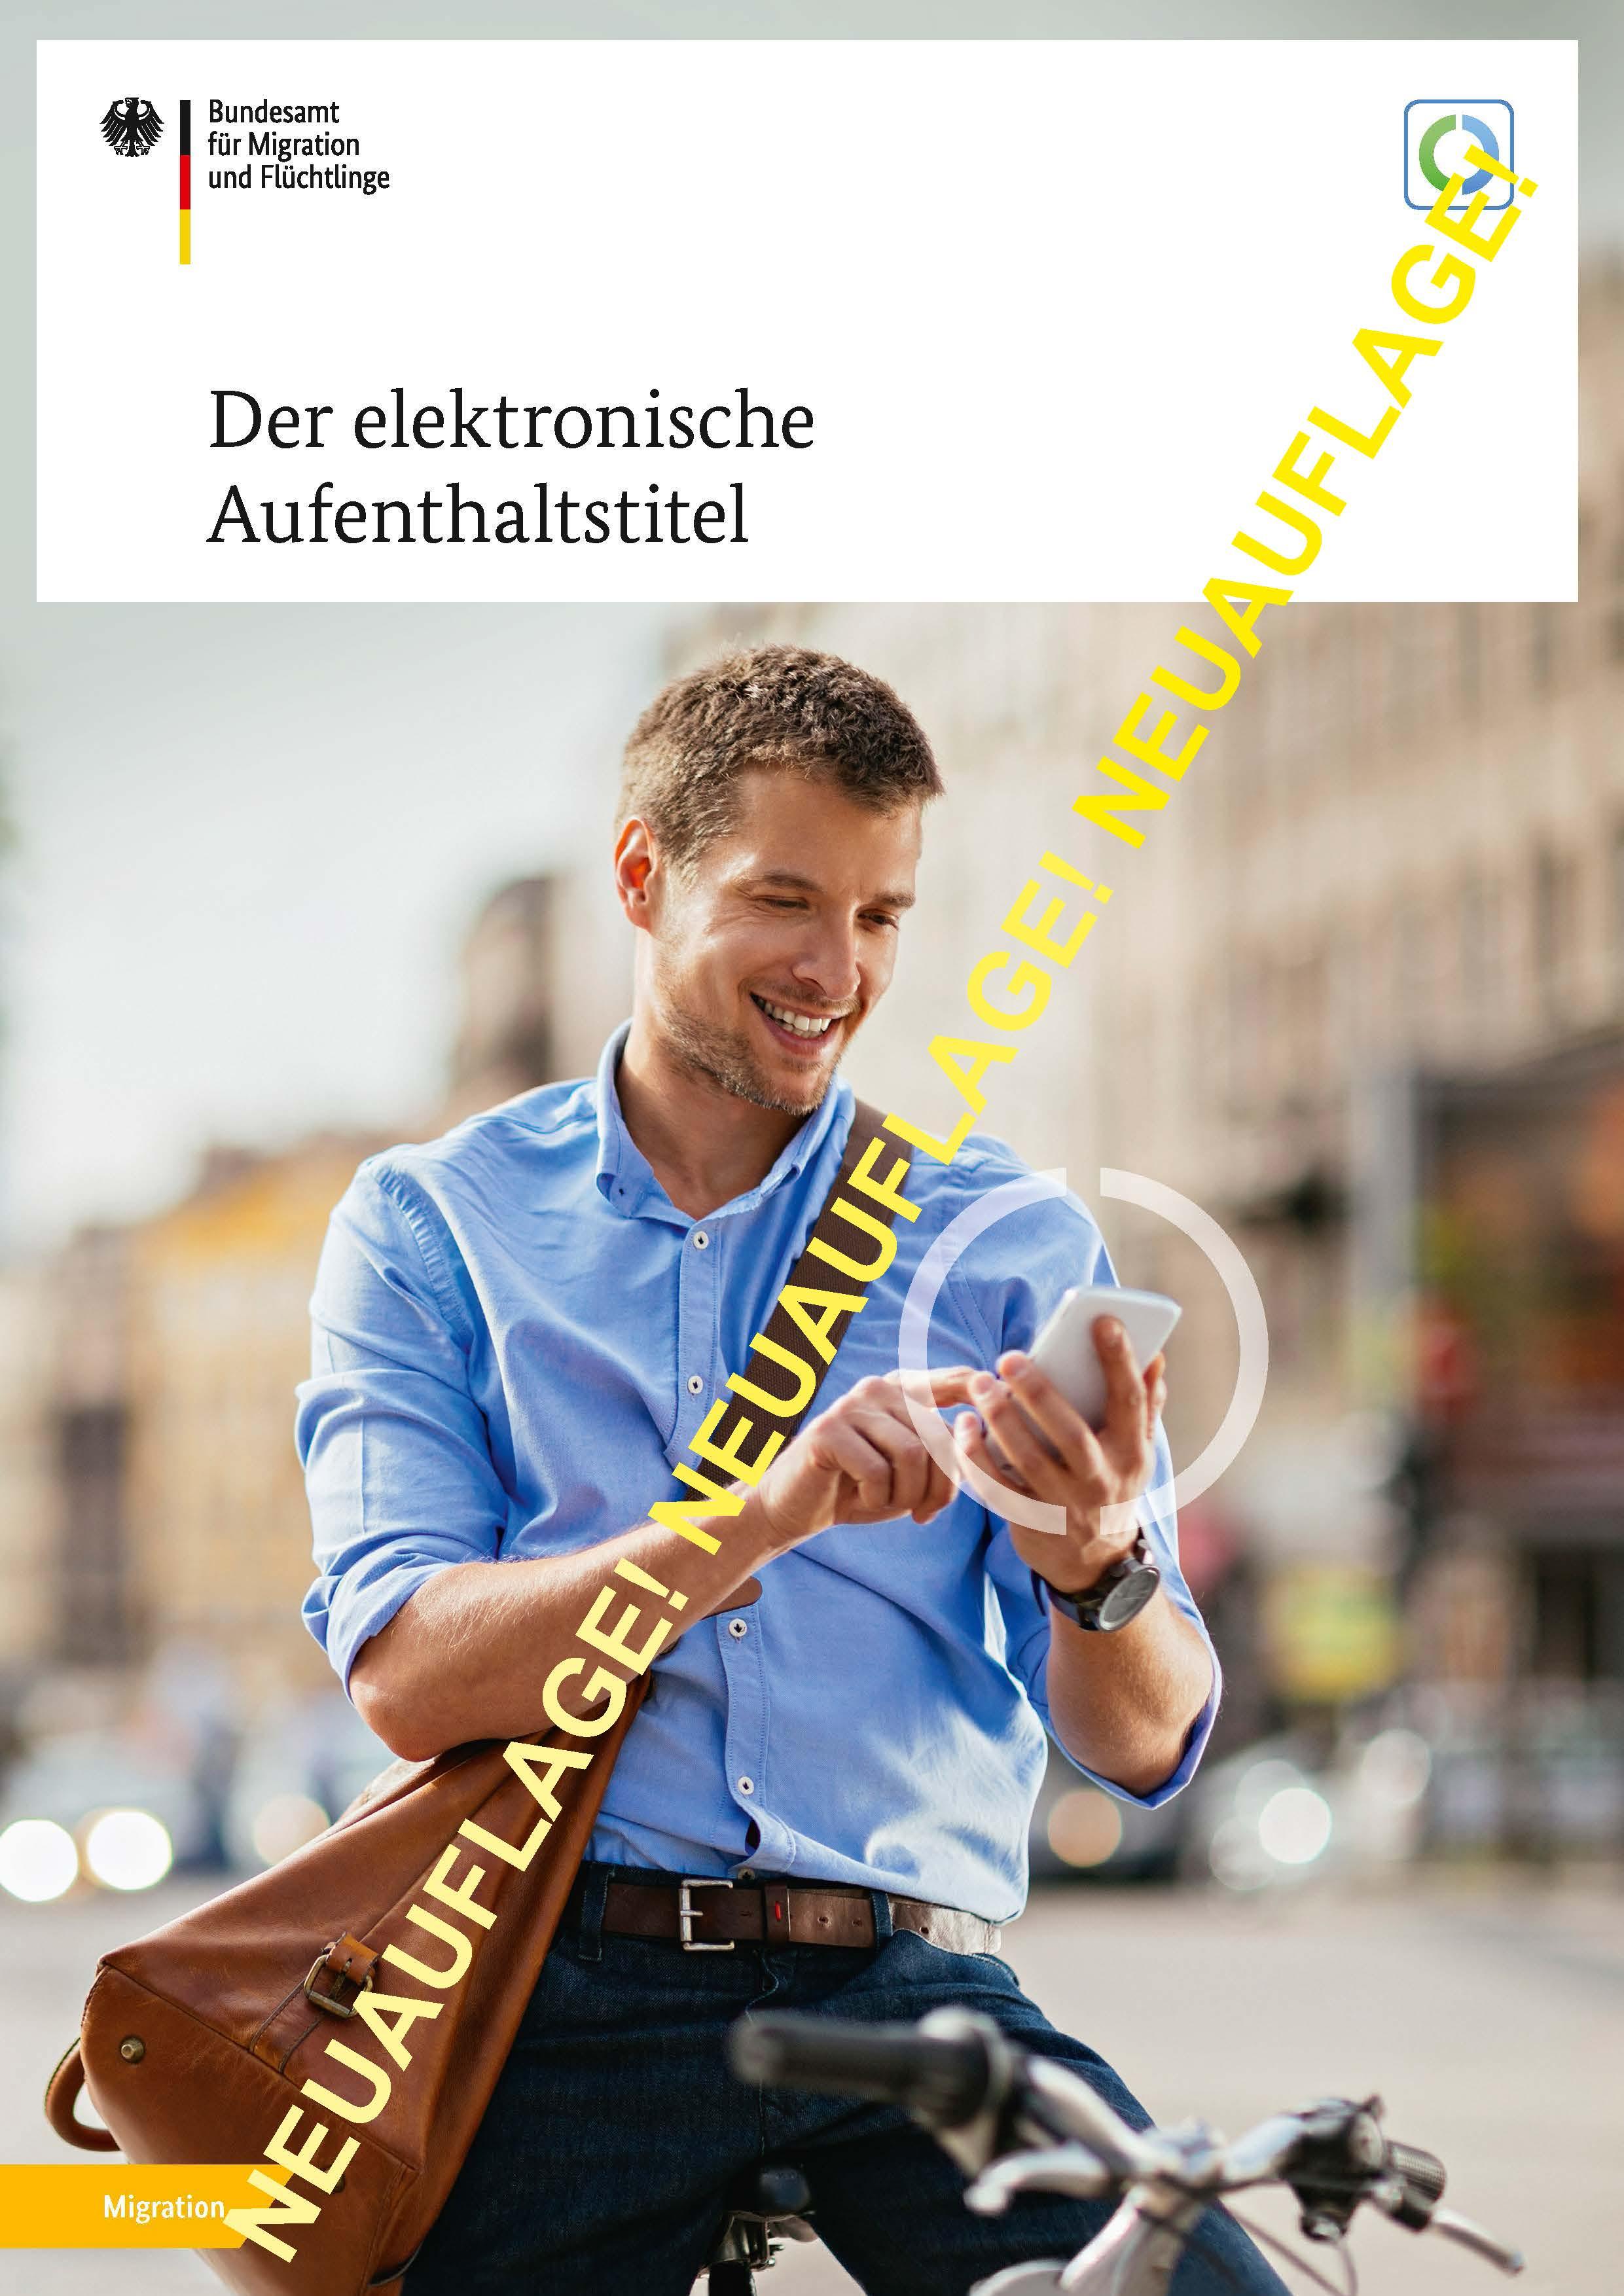 EAT Broschüre Elektronischer Aufenthaltstitel width=